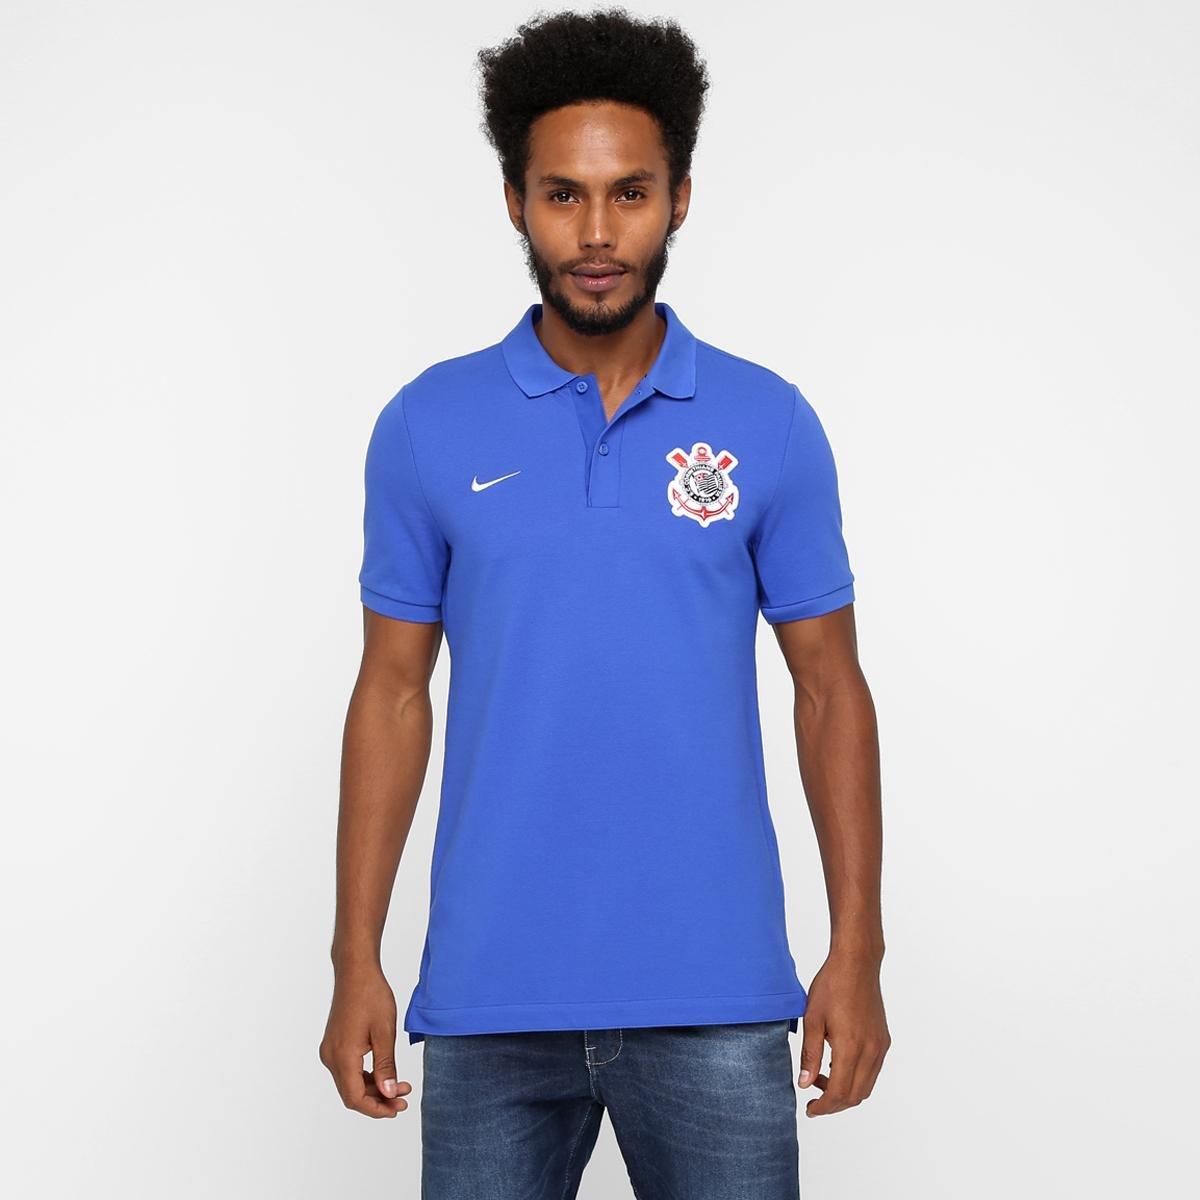 Camisa Polo Corinthians Nike Viagem 2016 Masculina - Compre Agora ... 2ffb5ff253777